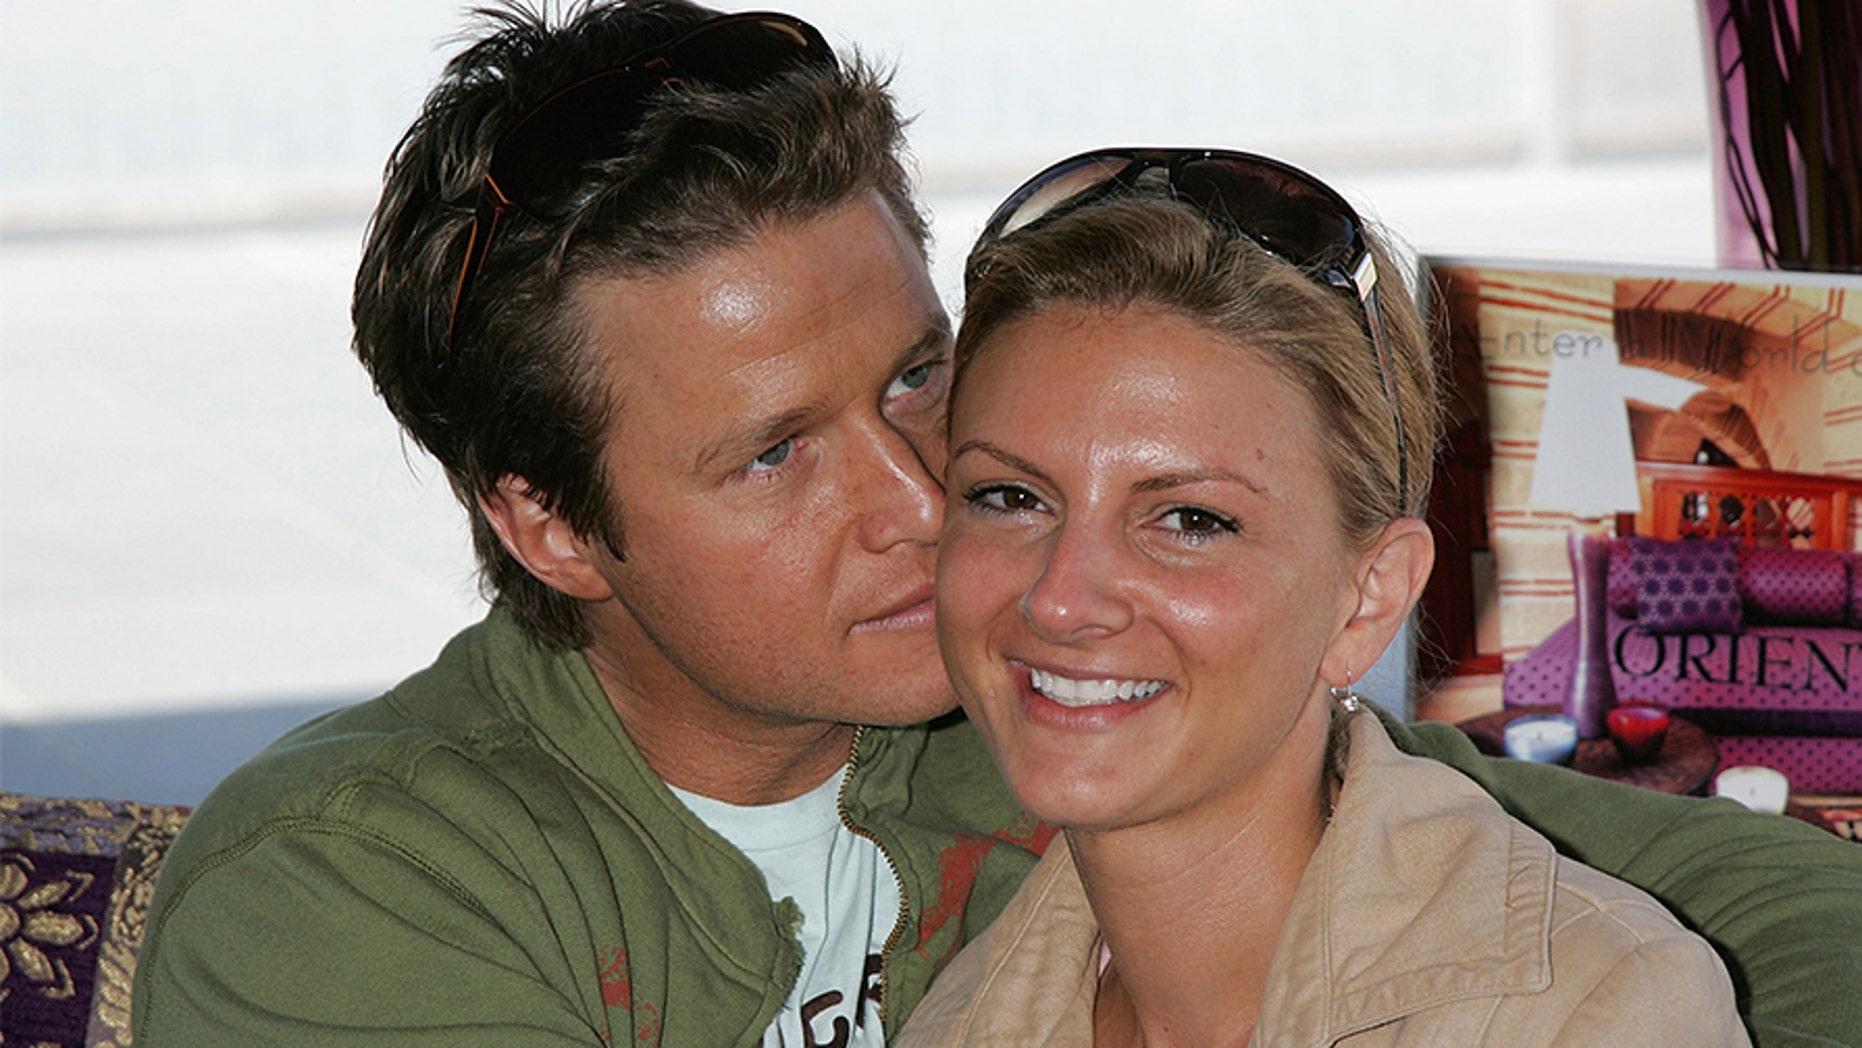 Billy Bush and Sydney Davis share three children together.